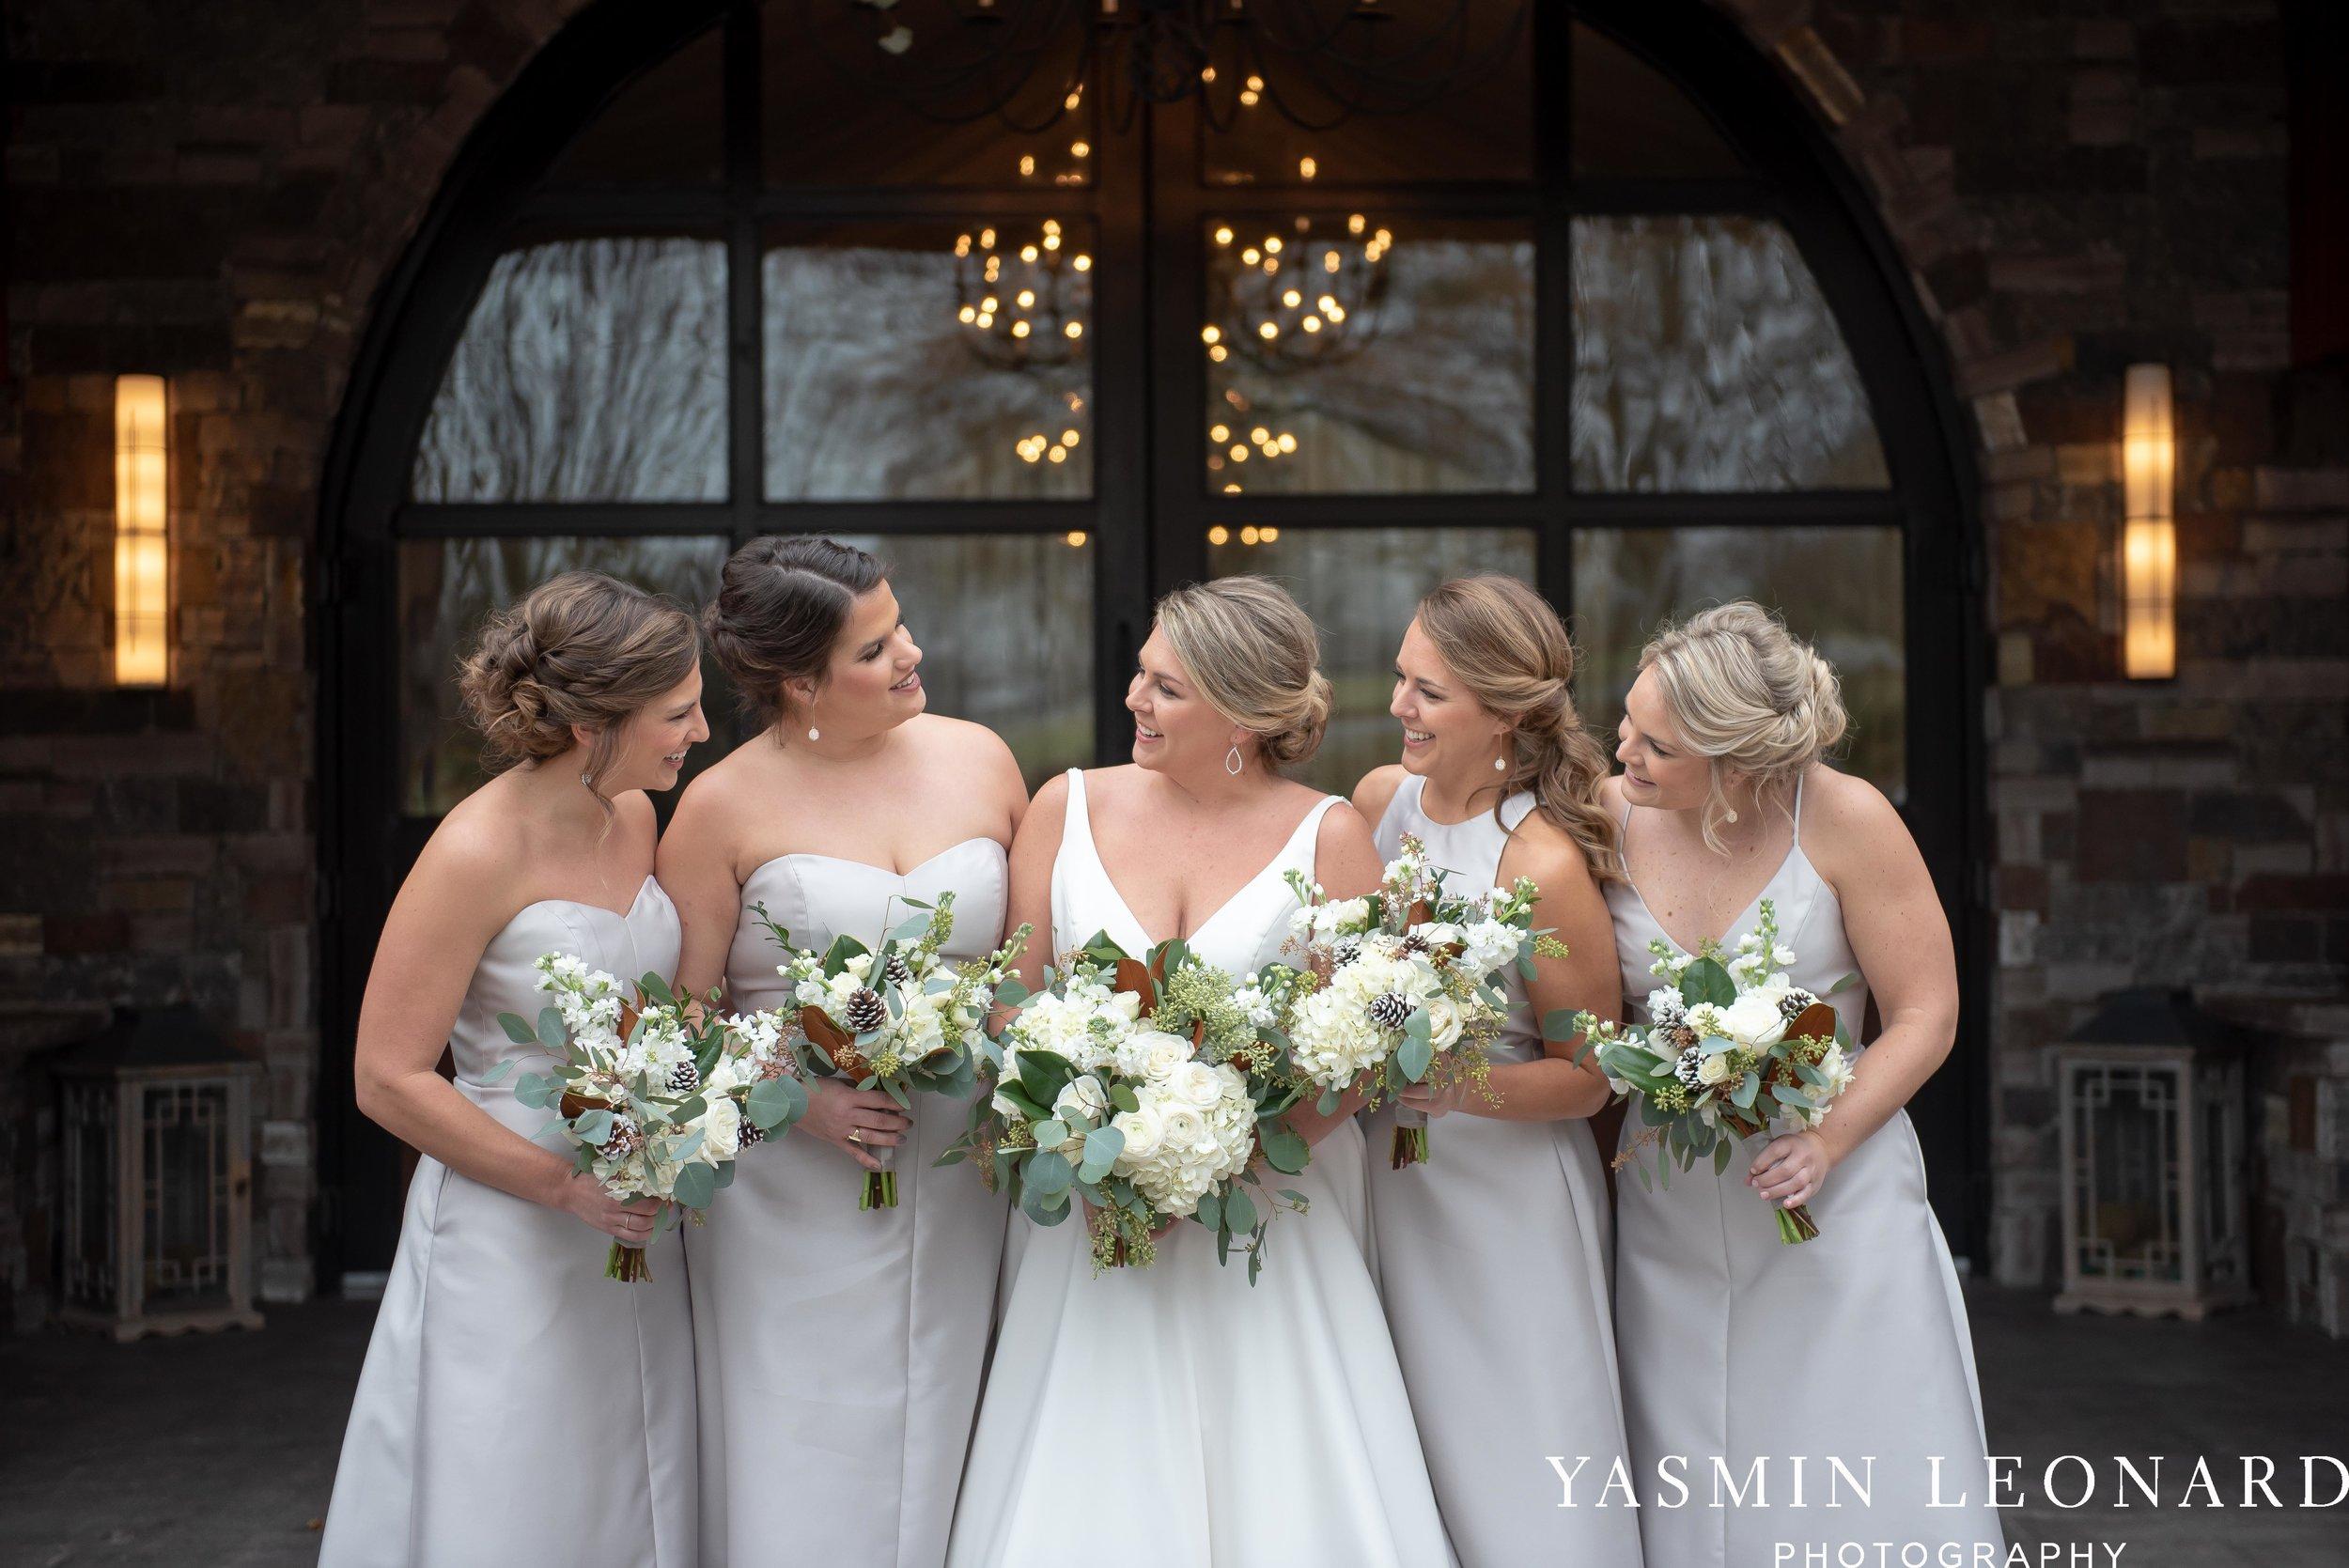 Adaumont Farm - Wesley Memorial Weddings - High Point Weddings - Just Priceless - NC Wedding Photographer - Yasmin Leonard Photography - High Point Wedding Vendors-13.jpg